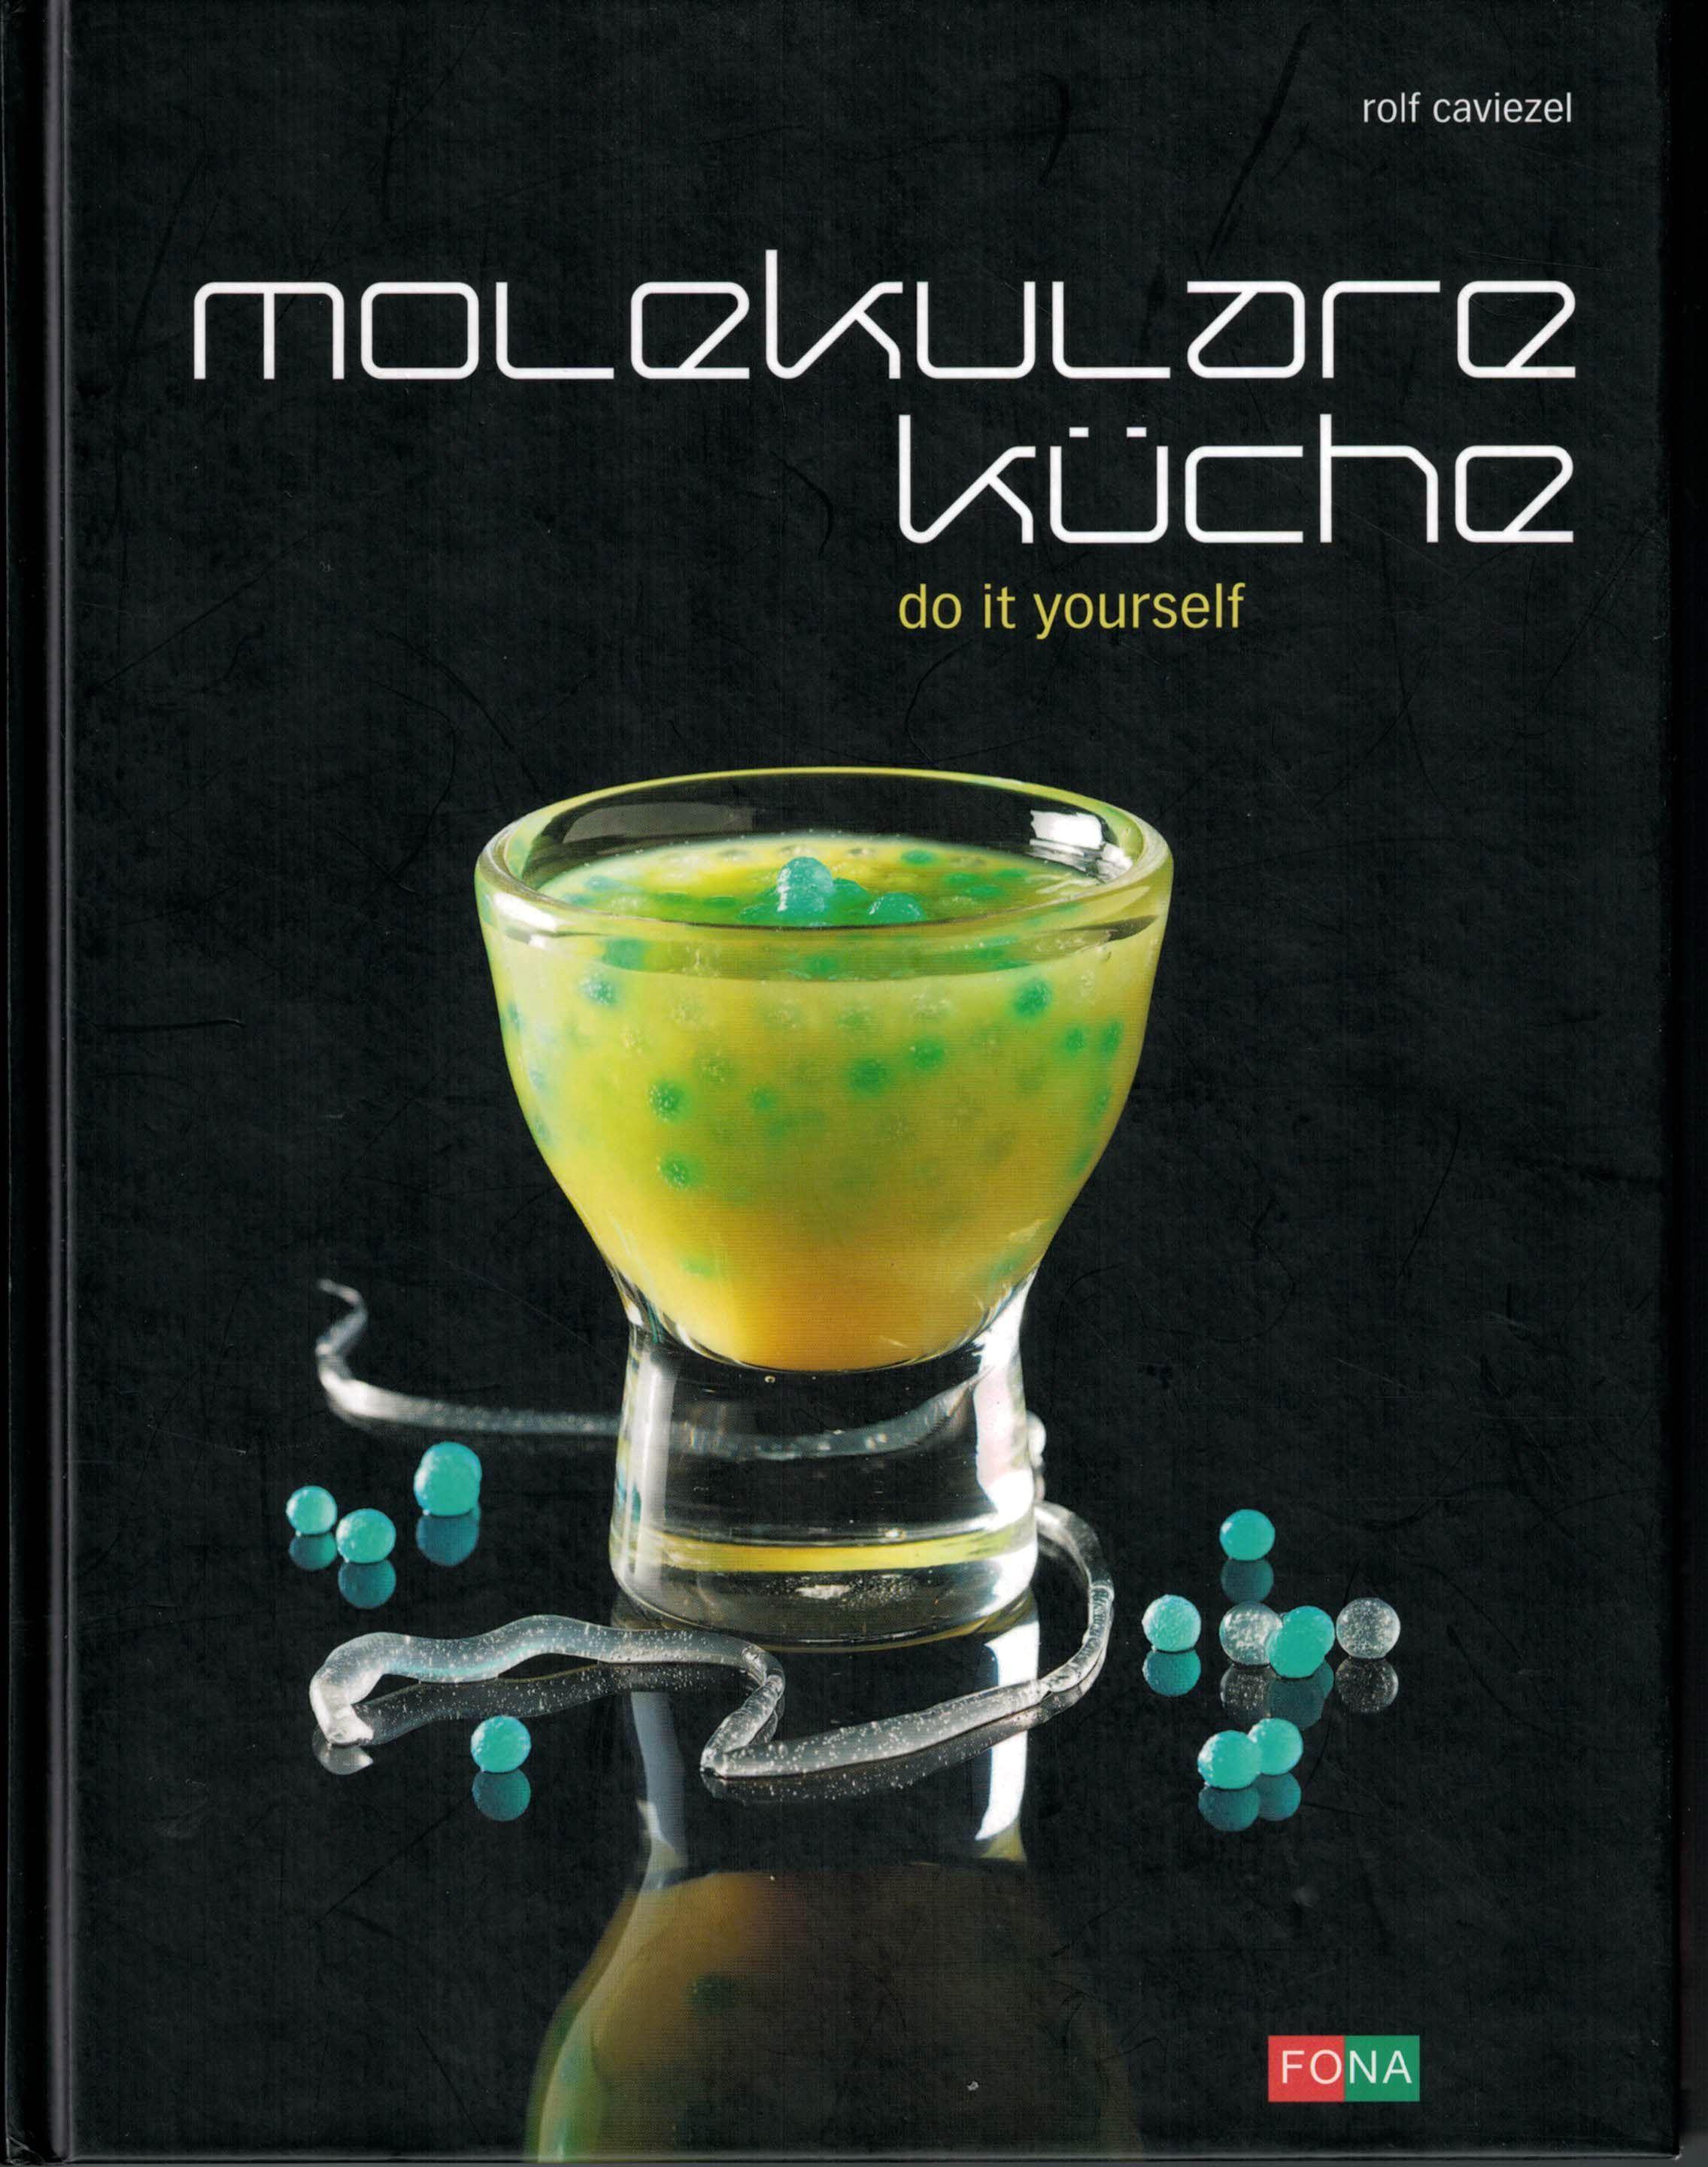 Molekulare Küche do it yourself von Rolf Caviezel - Molekularküche ...